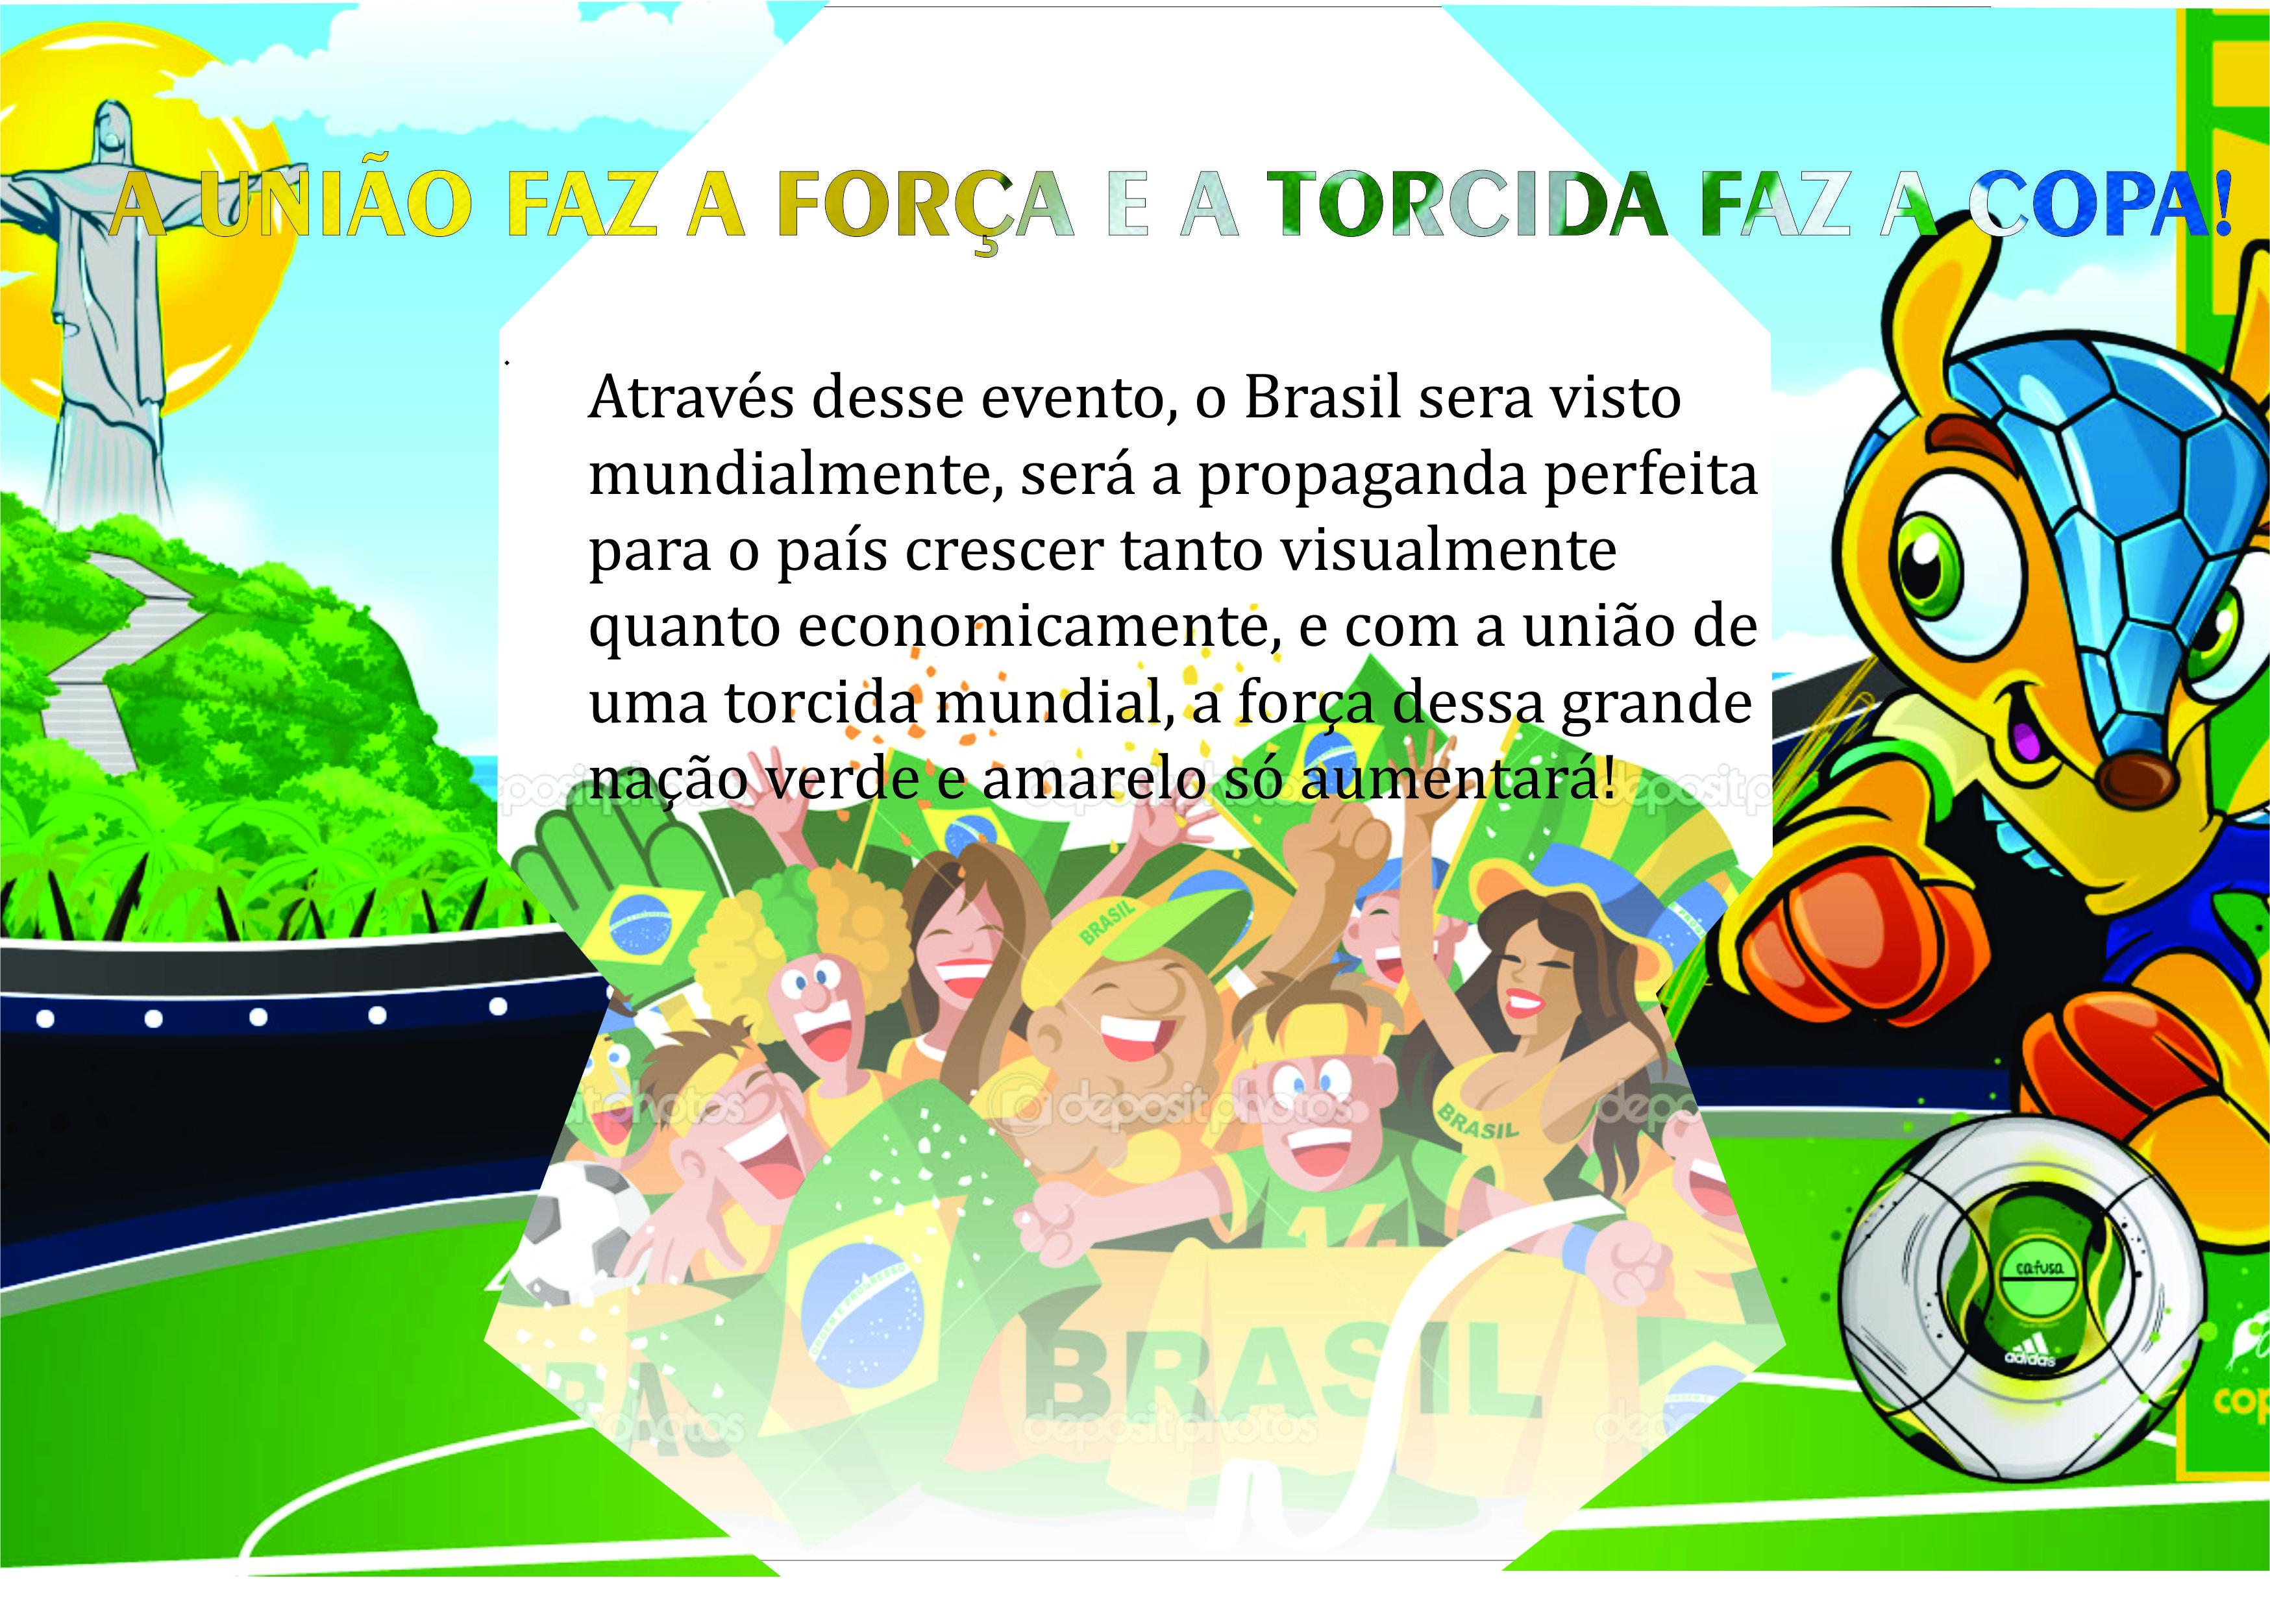 Propaganda Copa do Mundo 2014